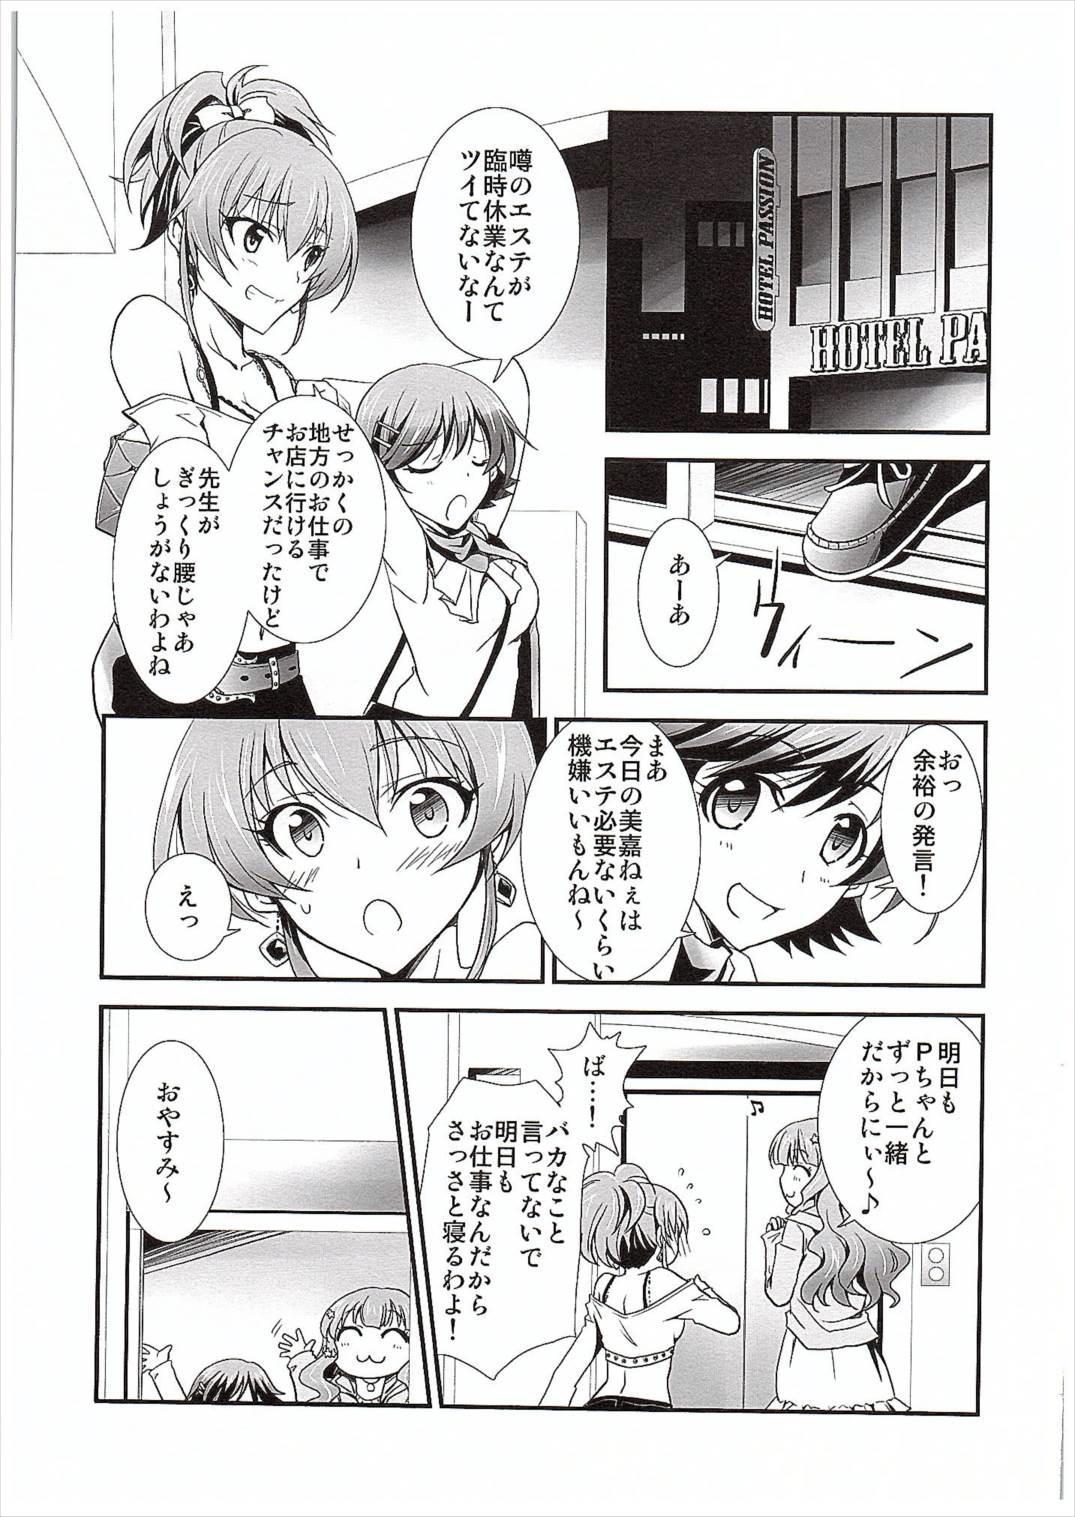 Atashi→P×Imouto 1